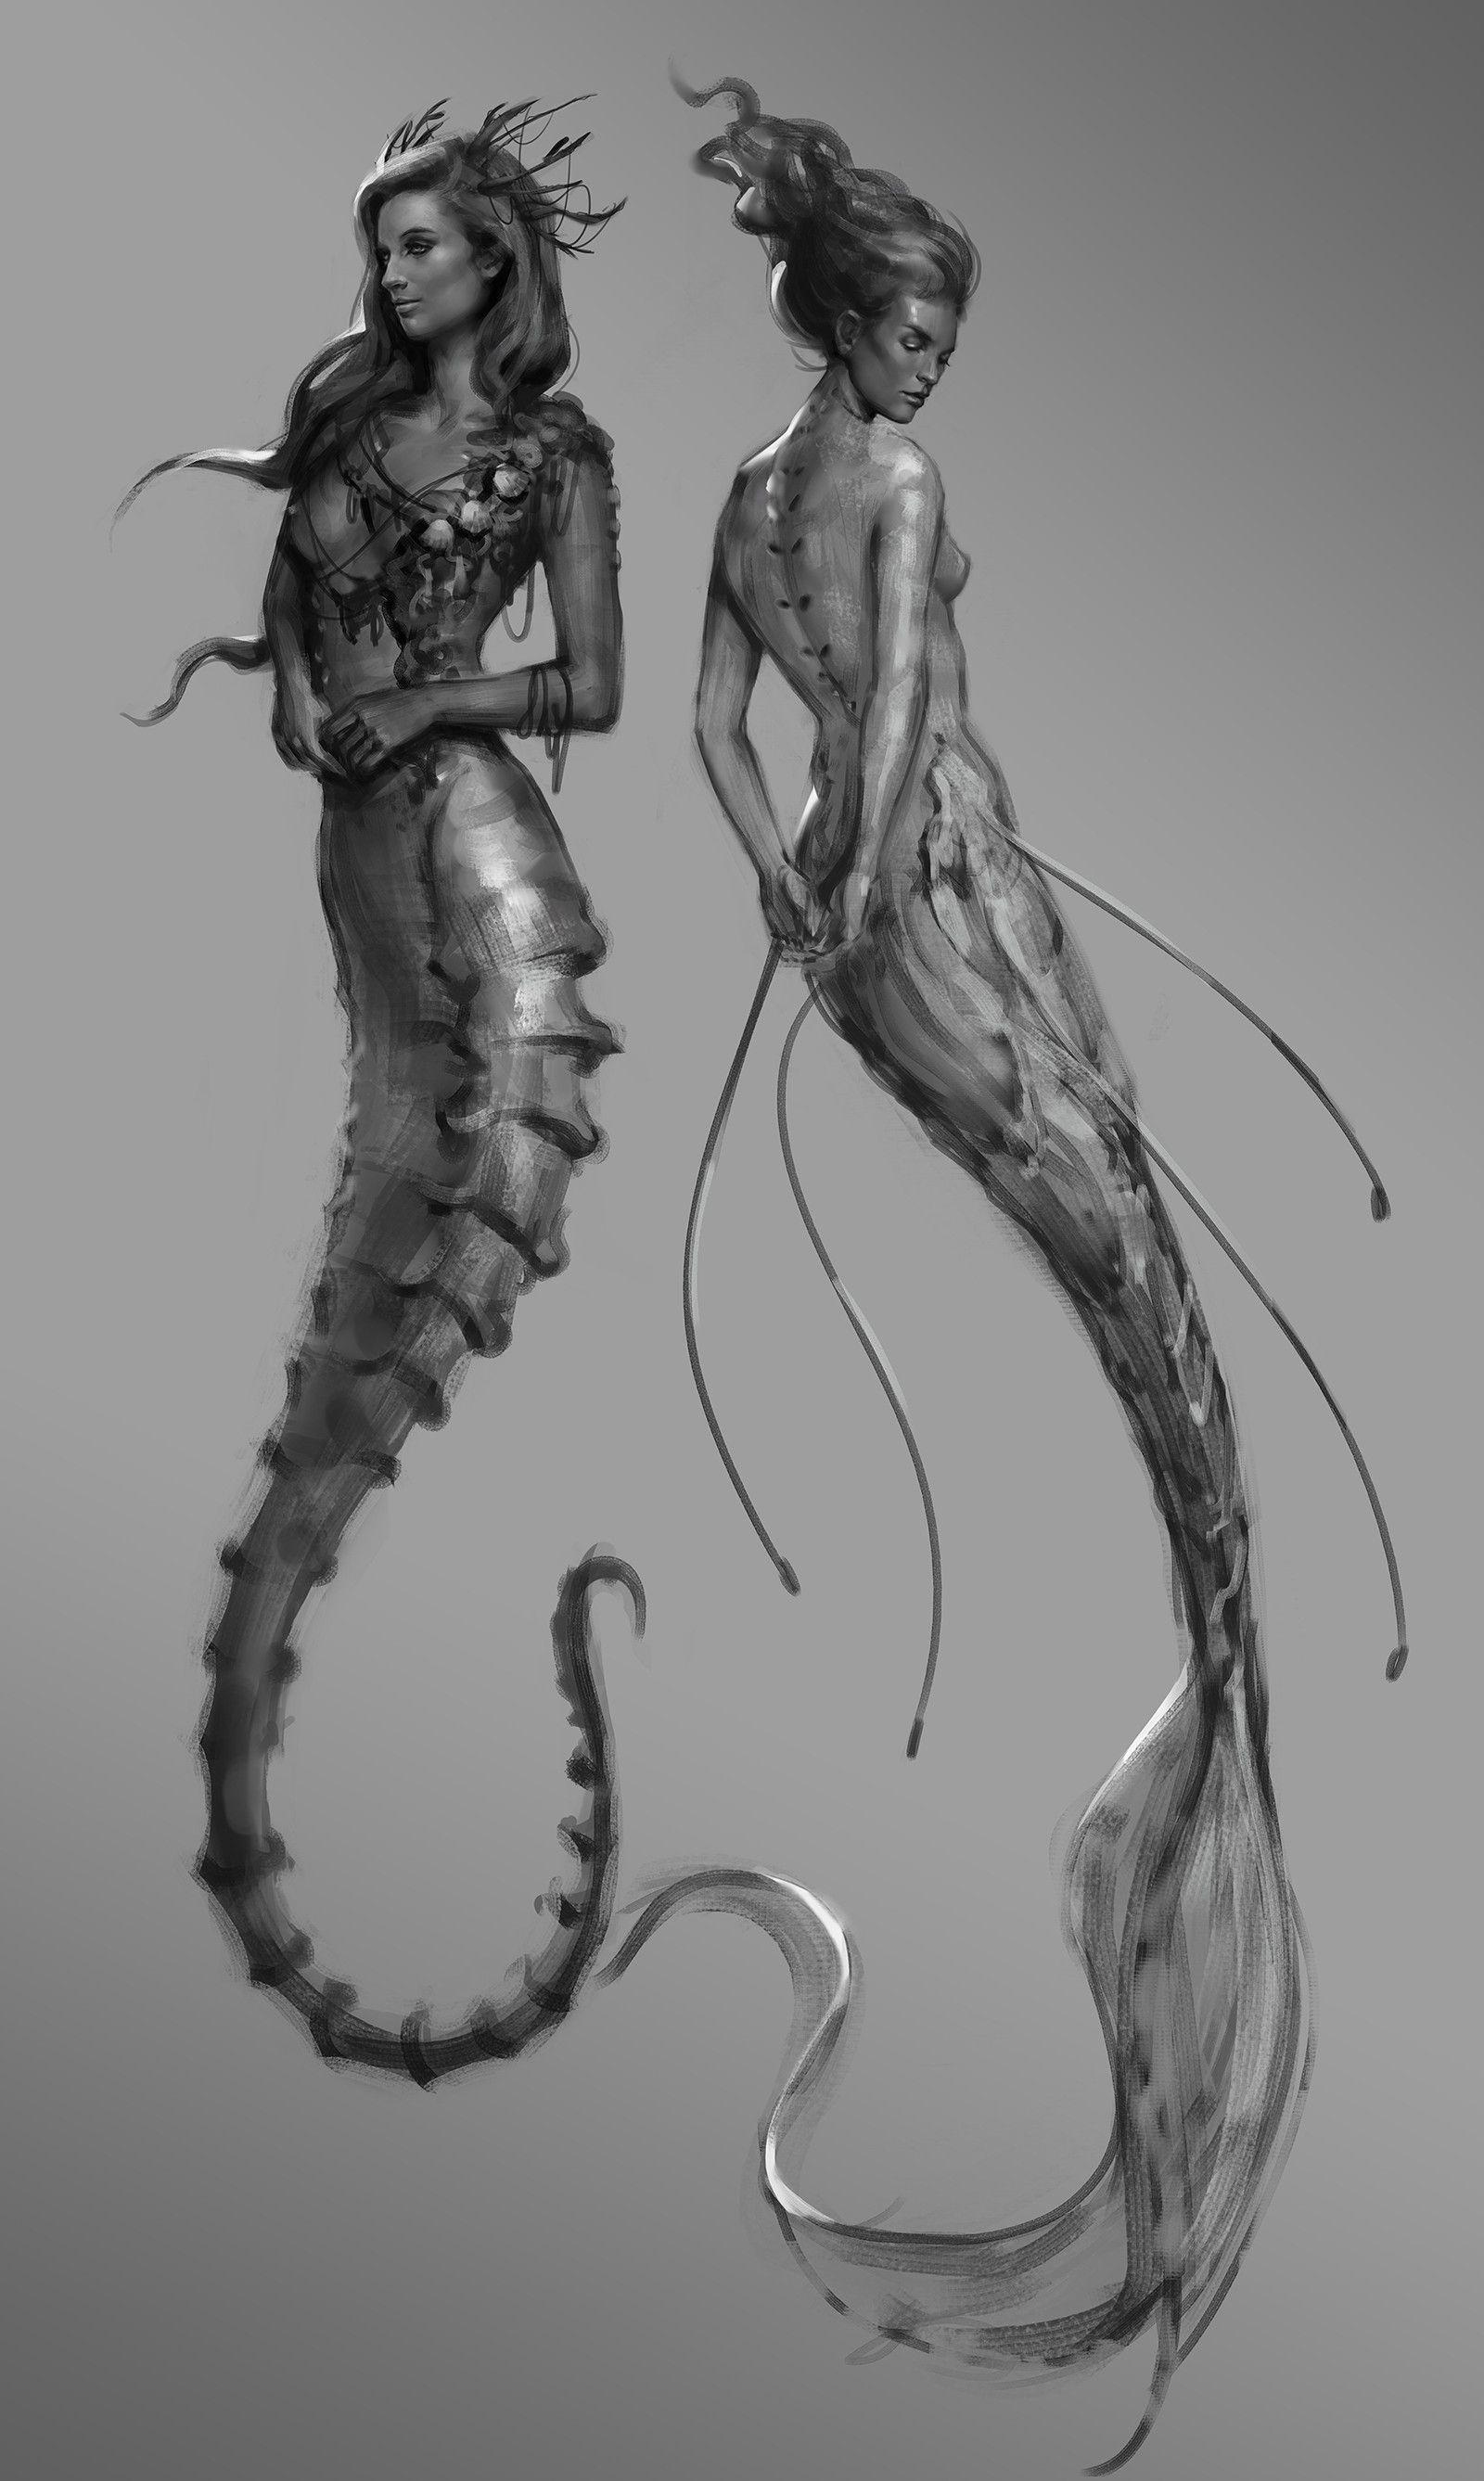 Mermaid Sketches, Aimee Lynette